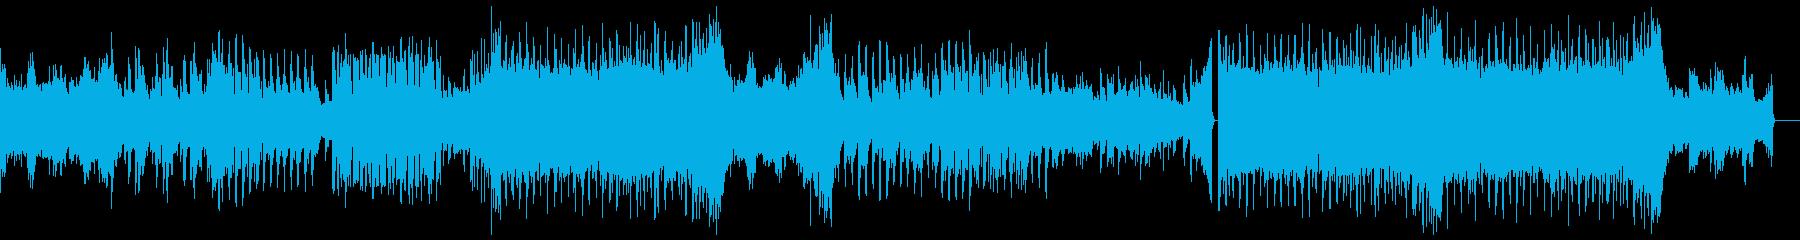 切ない雰囲気のあるピアノEDMの再生済みの波形